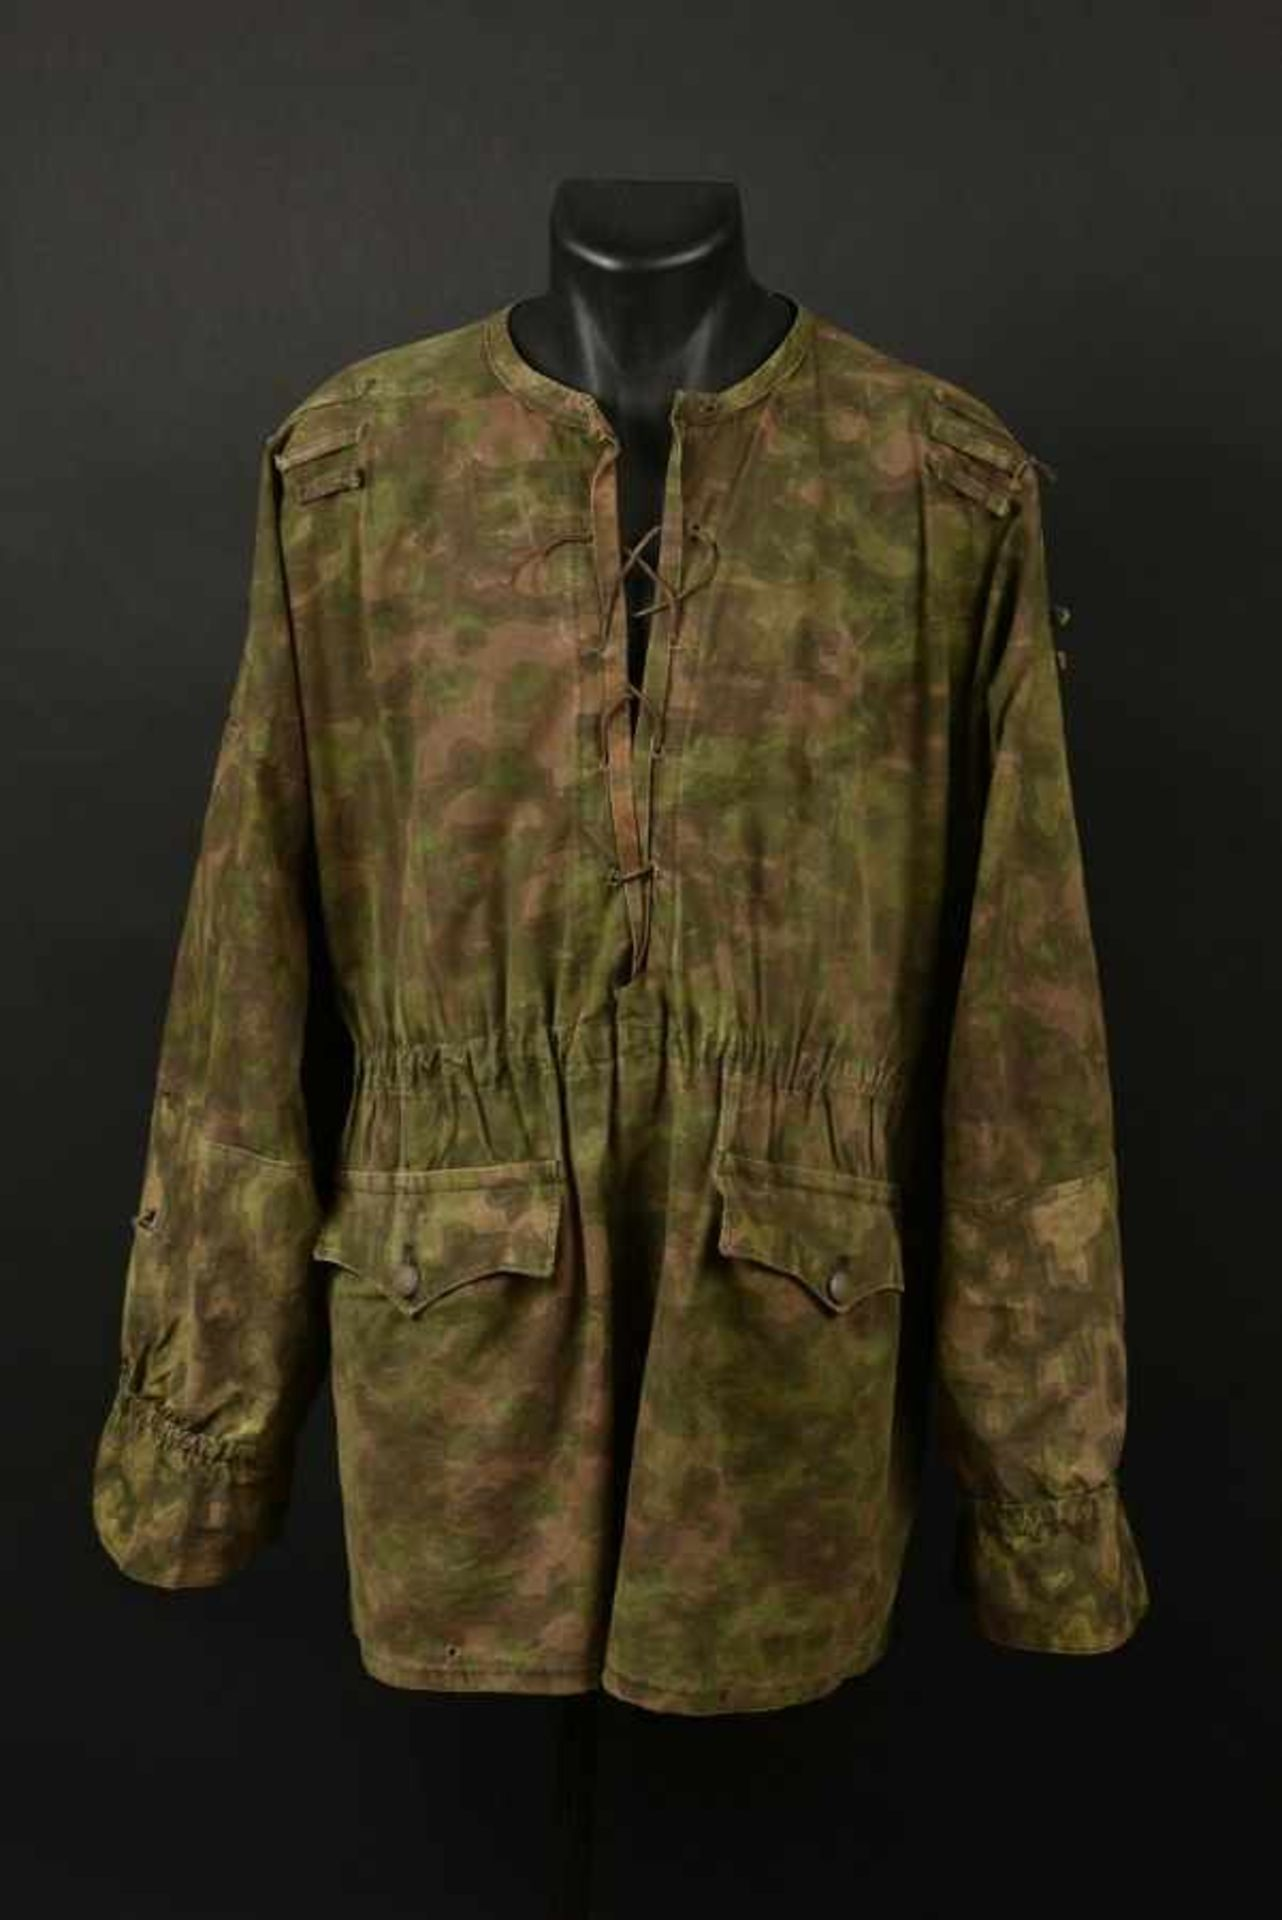 Tarnjacke de la Waffen SS. Tarnjacke of the Waffen SSCamouflage réversible type Blue Edge,